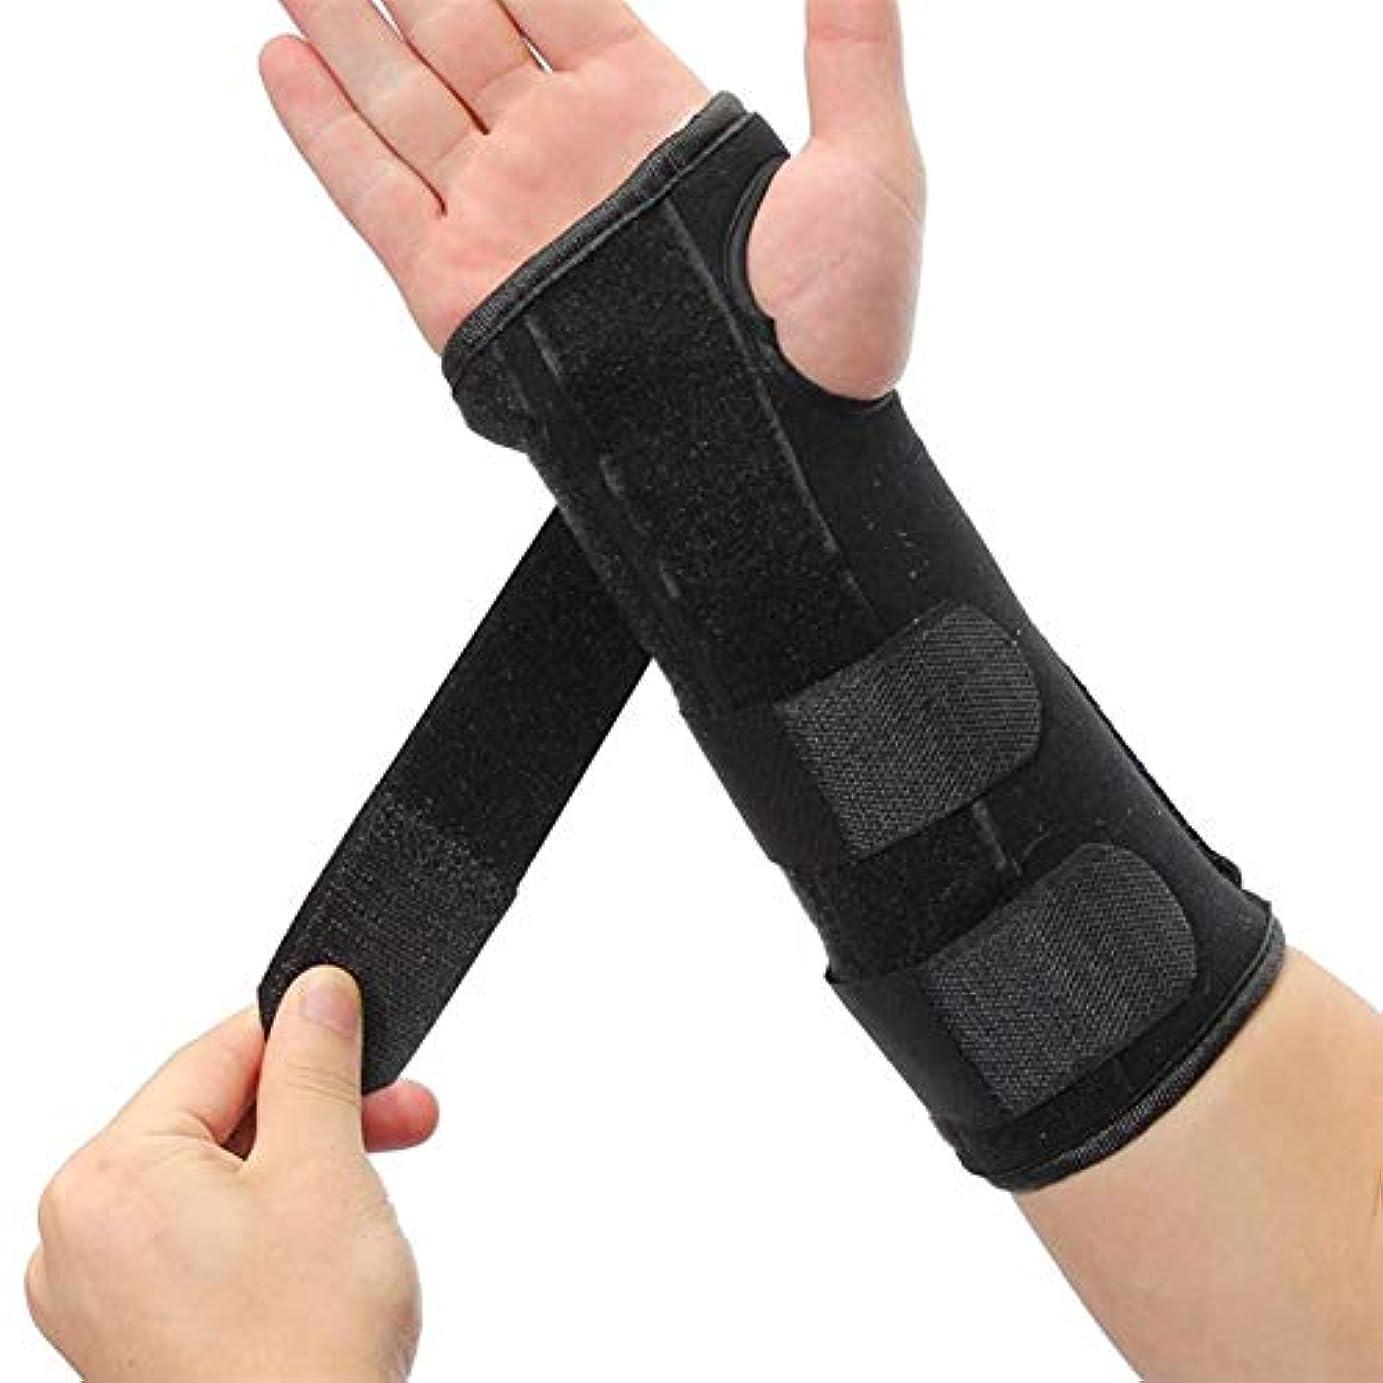 罪ブレース同様の手根管医療手首サポートブレース延長包帯手首プロテクター調節可能な装具手の安全性